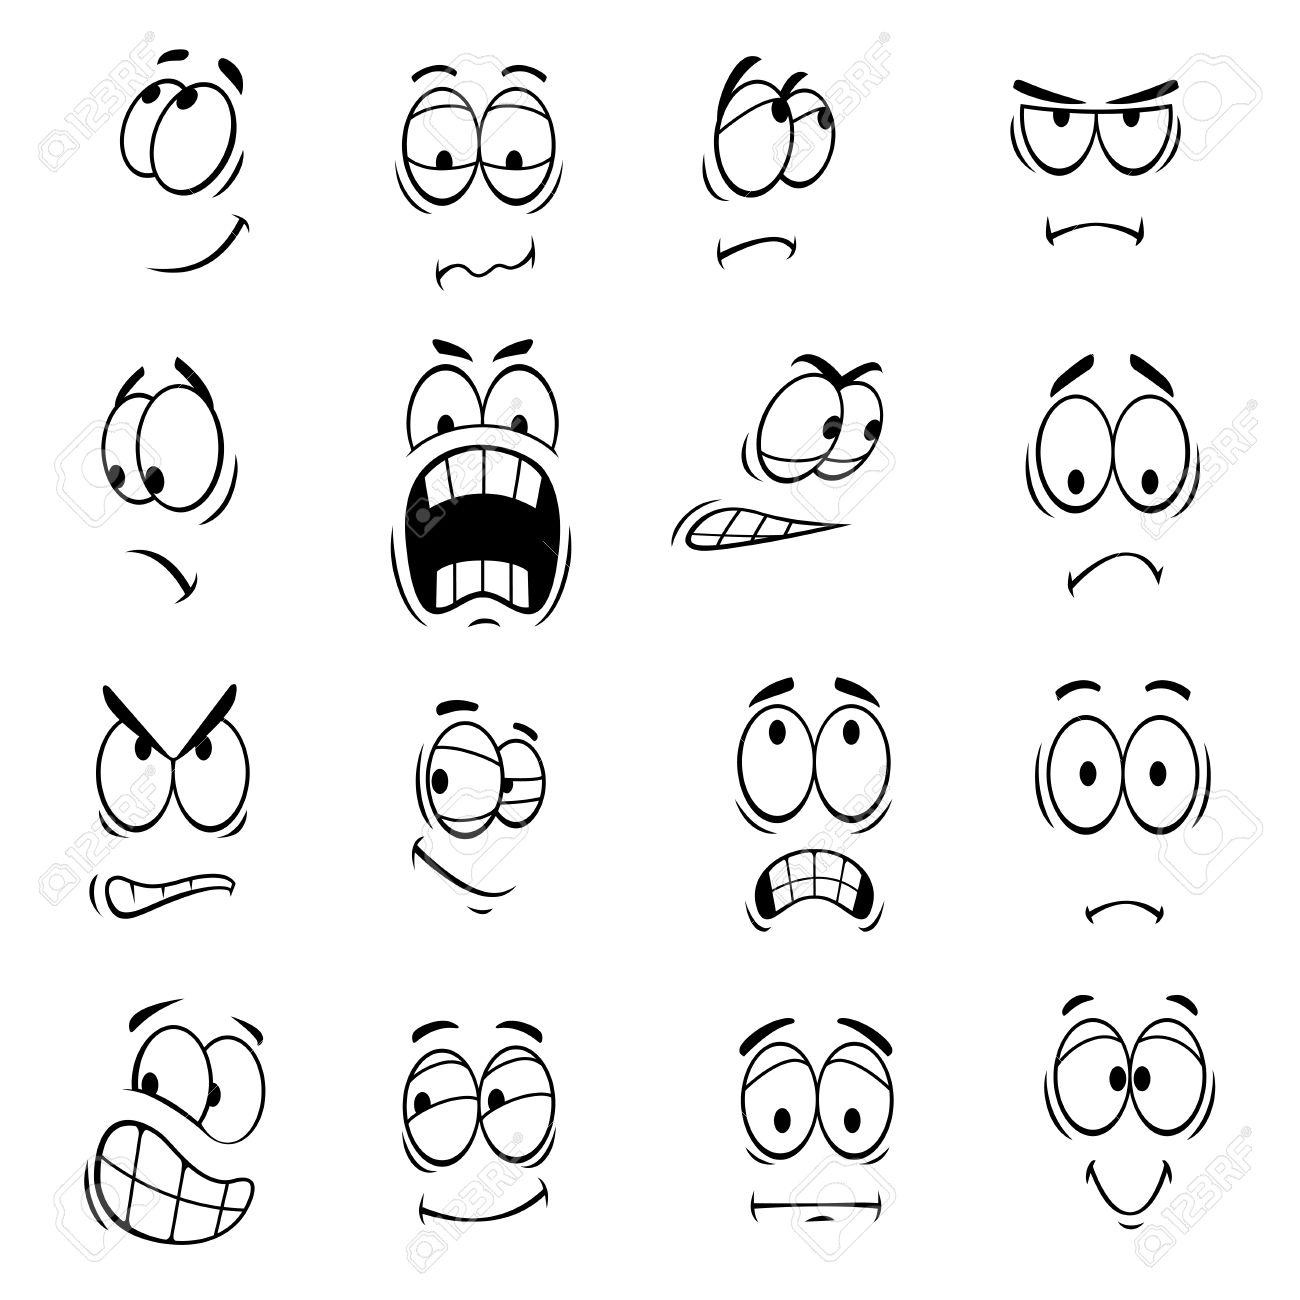 El Dibujo Animado Humanos Con Expresiones Faciales Y Emociones Linda Sonríe Iconos De Emoticonos Emoji Elementos Del Vector Sonriente Feliz